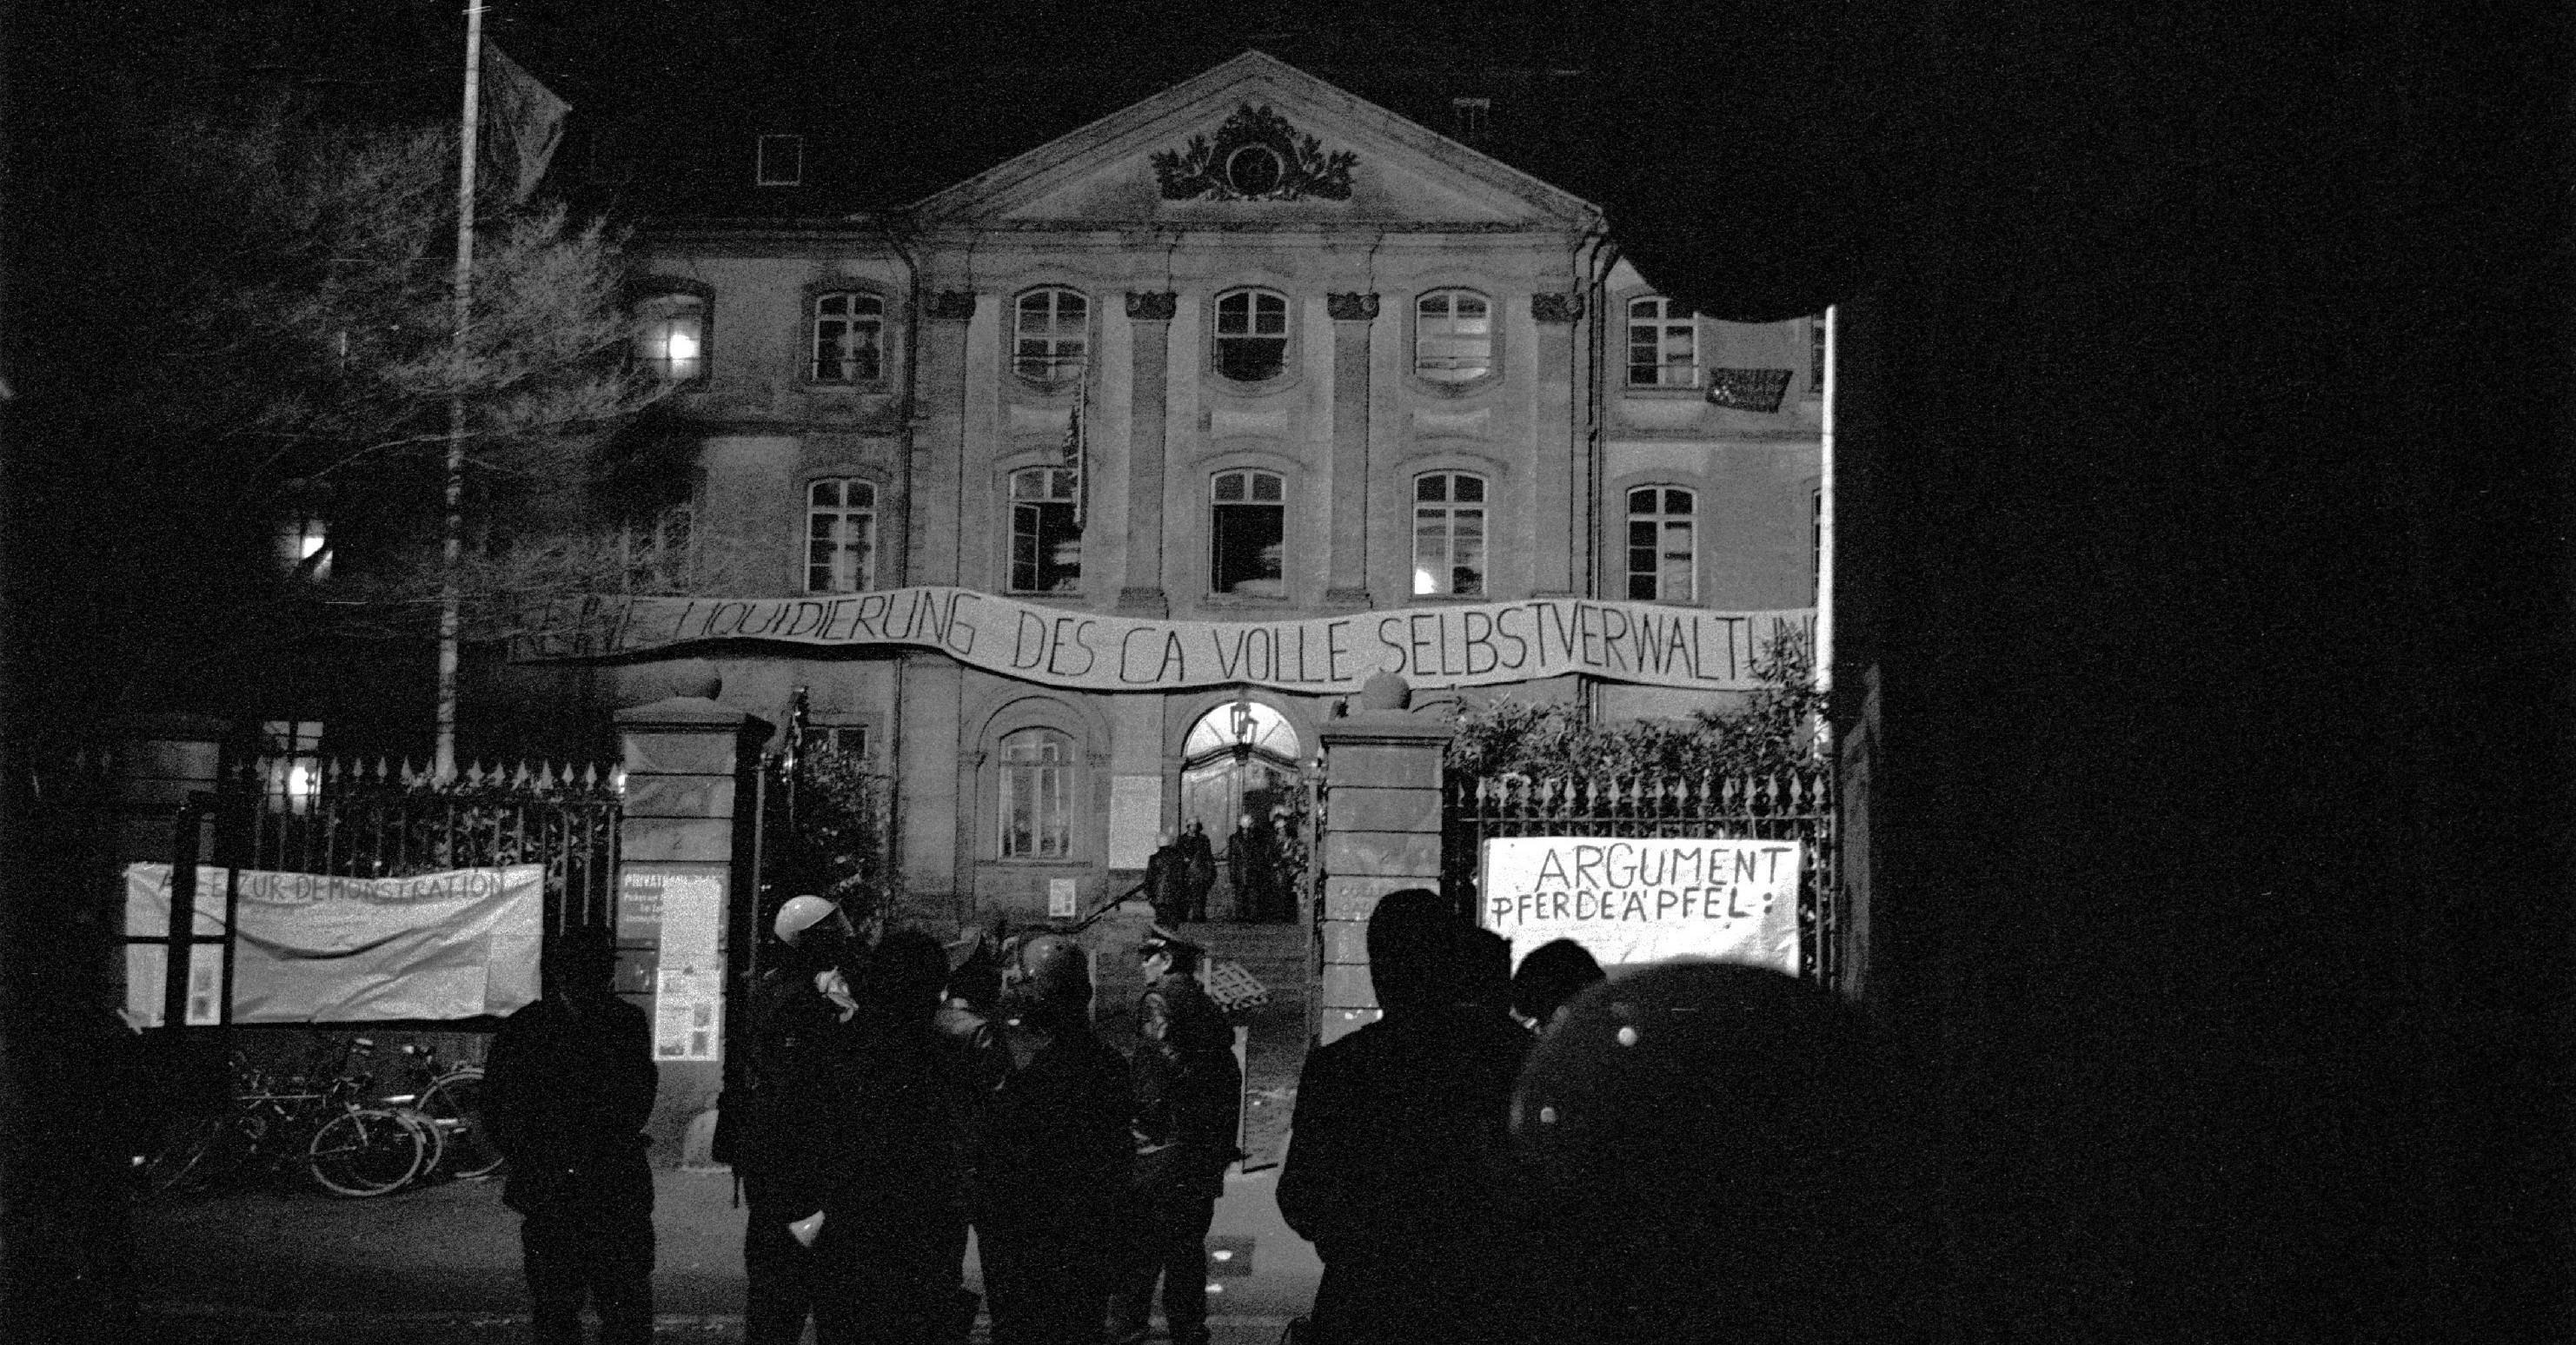 Die Nacht der polizeilichen Räumungen des besetzten CA-Gebäudes, 6. März 1978. Bild: Johannes Lindenmeyer